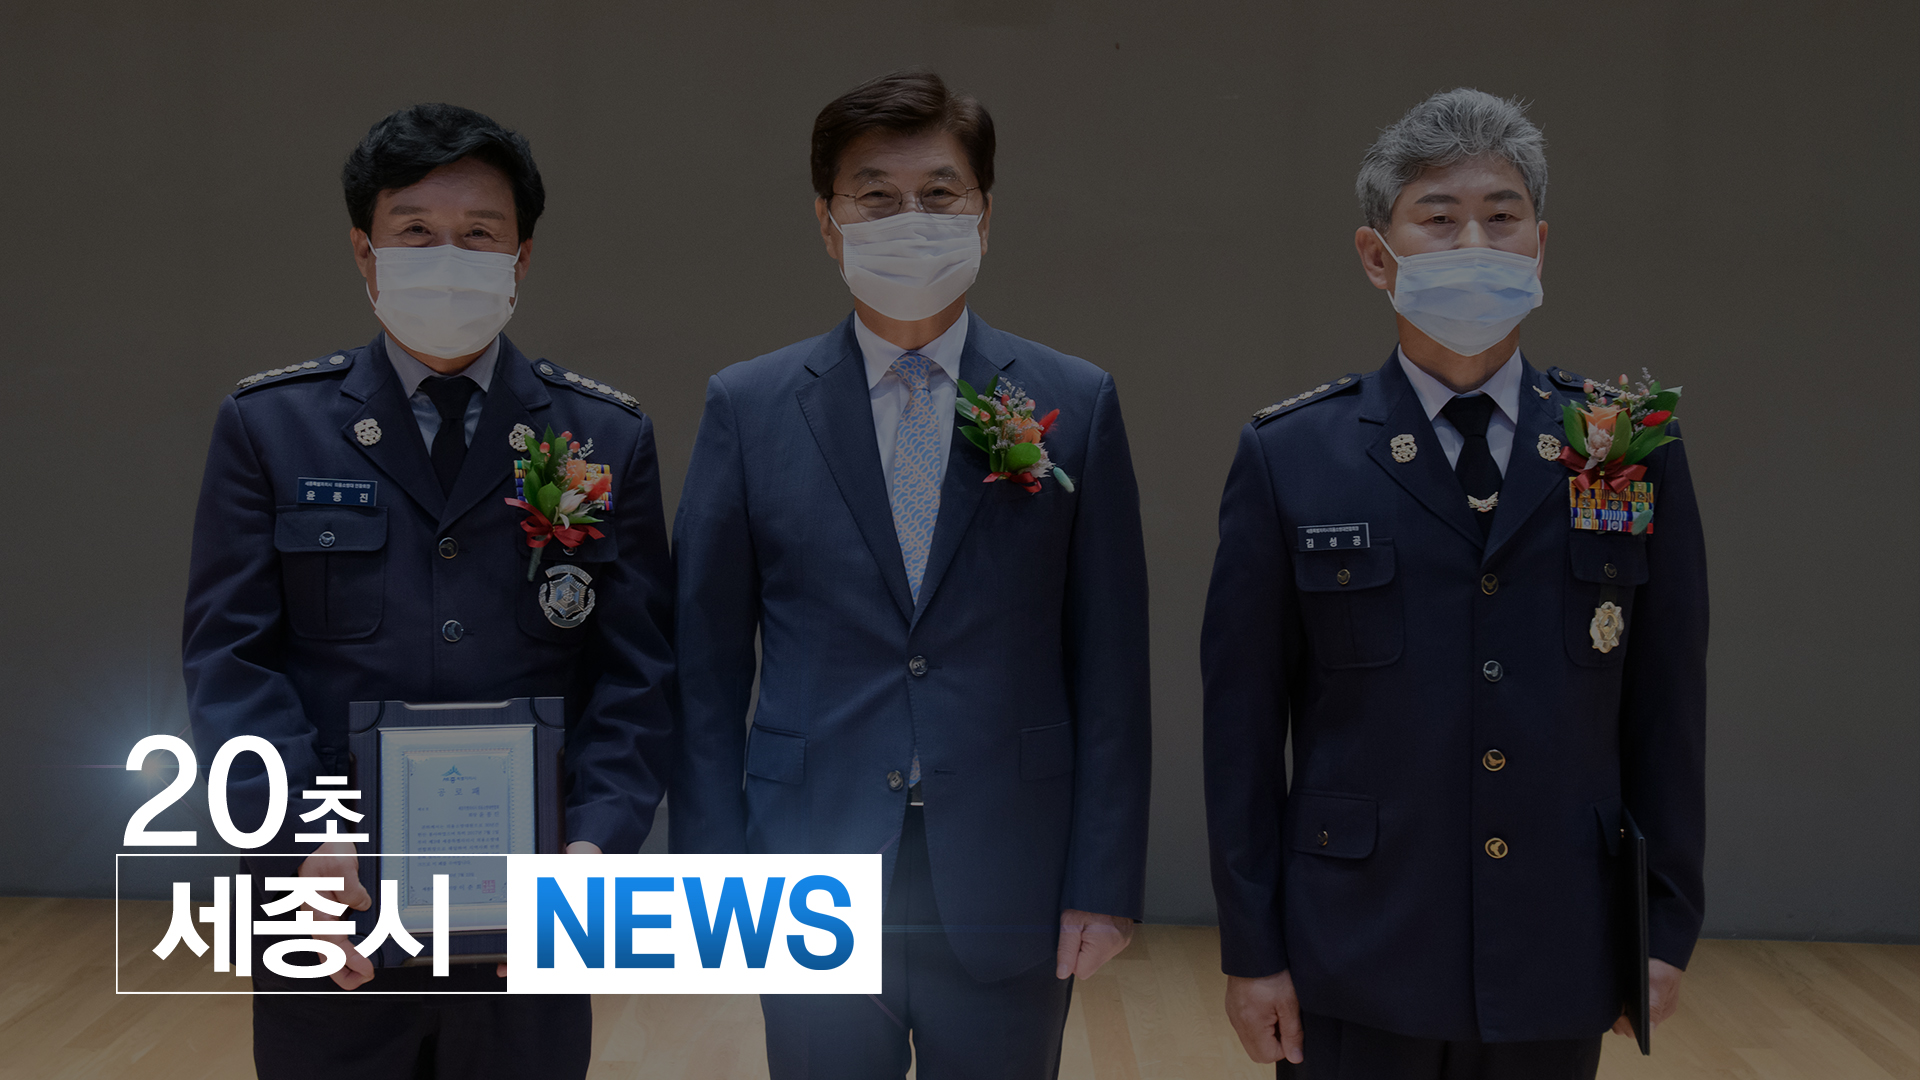 <20초뉴스> 의용소방대연합회장 이 취임식 개최